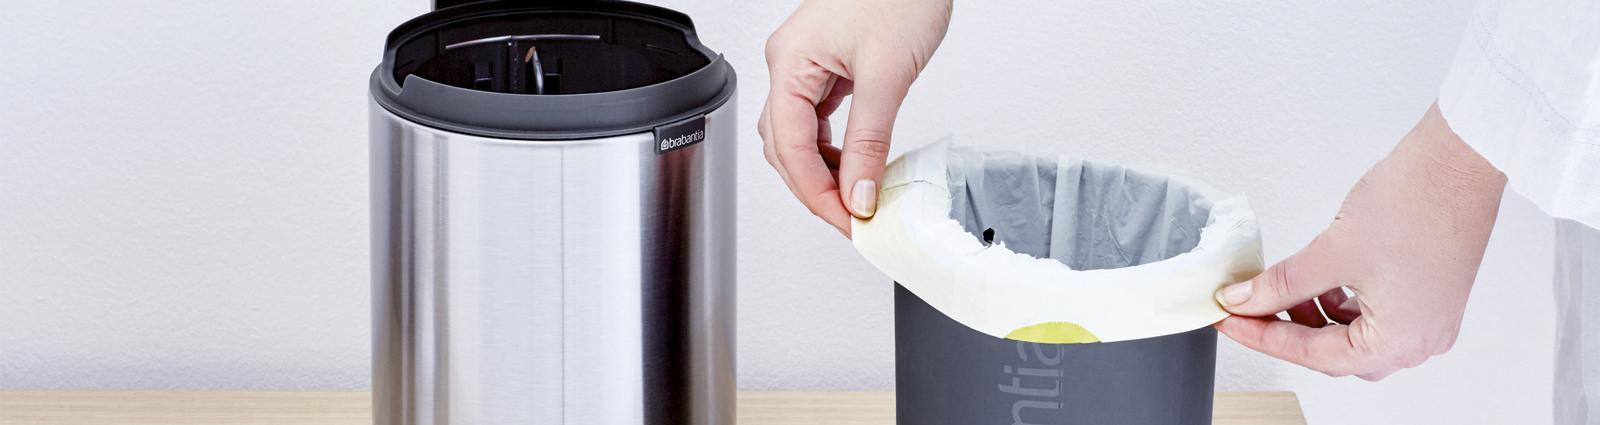 HOTEL MEGASTORE vous propose une large gamme de poubelles de salles de bains pour hôtels robustes et silencieuses. Trouvez la poubelle ou la corbeille de salle de bains qui vous convient en termes de dimension (3 litres, 5 litres, 6 litres), de matière (plastique, acier brillant, acier brossé, acier mat) ou encore de mécanisme. En effet, vous trouverez des poubelles à fermeture silencieuse, flip-flap ou des poubelles sans couvercle. Certaines de nos poubelles sont équipées d'un corps amovible pour faciliter les manipulations. Le sac poubelle est alors invisible. Nos poubelles WC Brabantia sont disponibles dans de nombreux coloris et peuvent être assorties aux porte-balais et porte-rouleaux en métal de la même collection. Elles sont garanties 10 ans et fabriquée en Europe. N'attendez- plus faites, le bon choix.